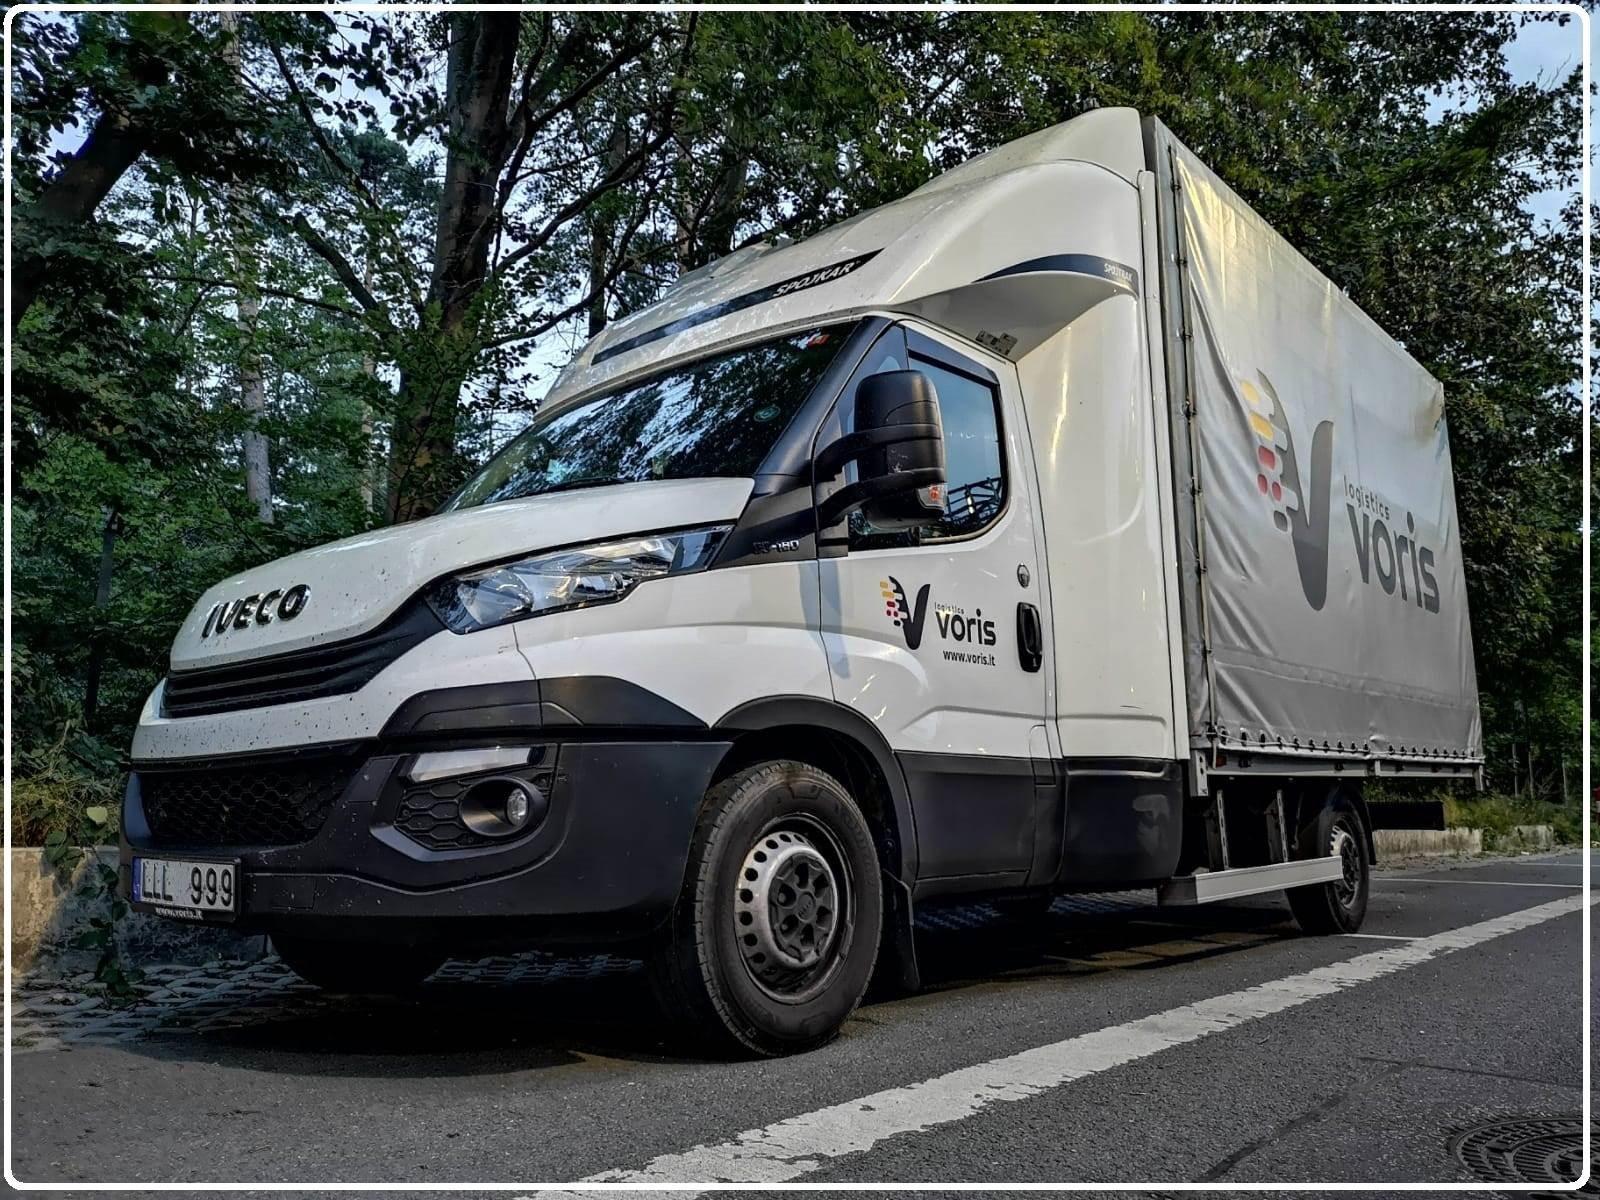 ATV, Traktoriuku, Motociklu pervezimo paslaugos Lietuva - EUROPA - Lietuva  +37067247506 LIETUVA - EUROPA - LIETUVA EKSPRES KROVINIU PERVEZIMAI +37067